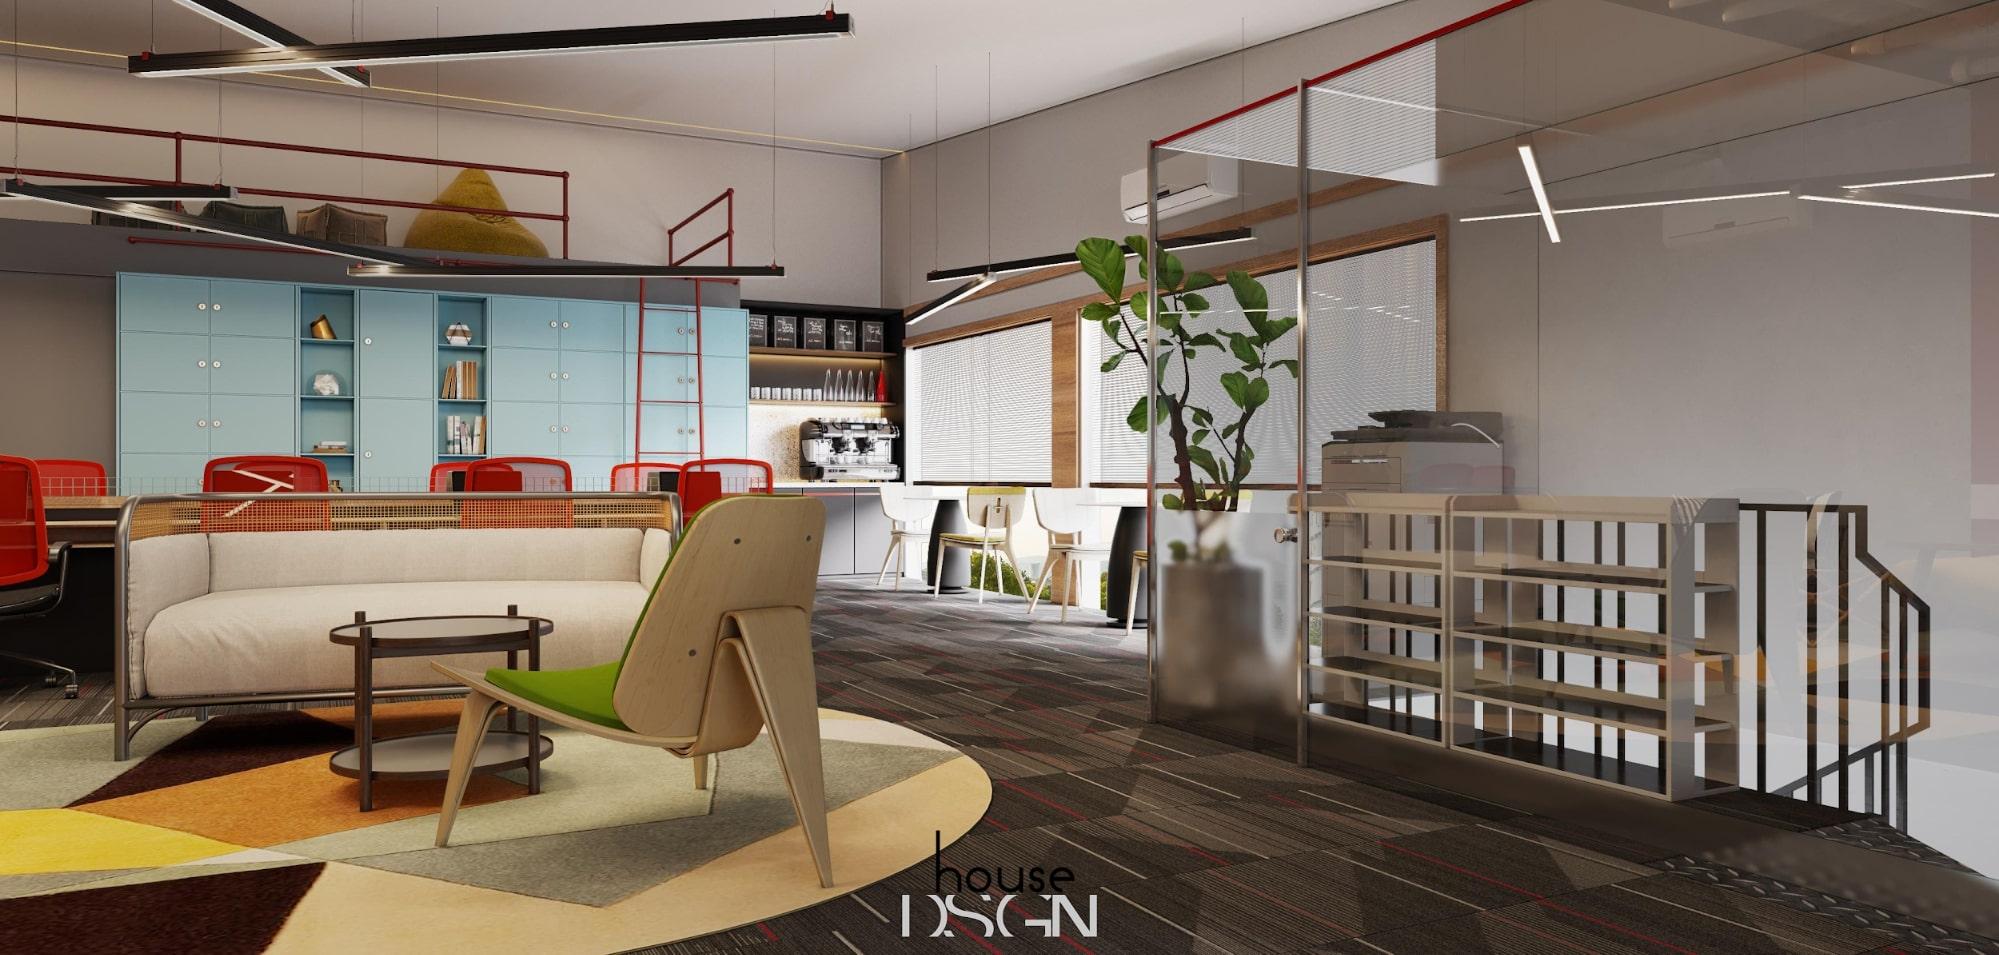 đơn vị thiết kế nội thất văn phòng ở tphcm